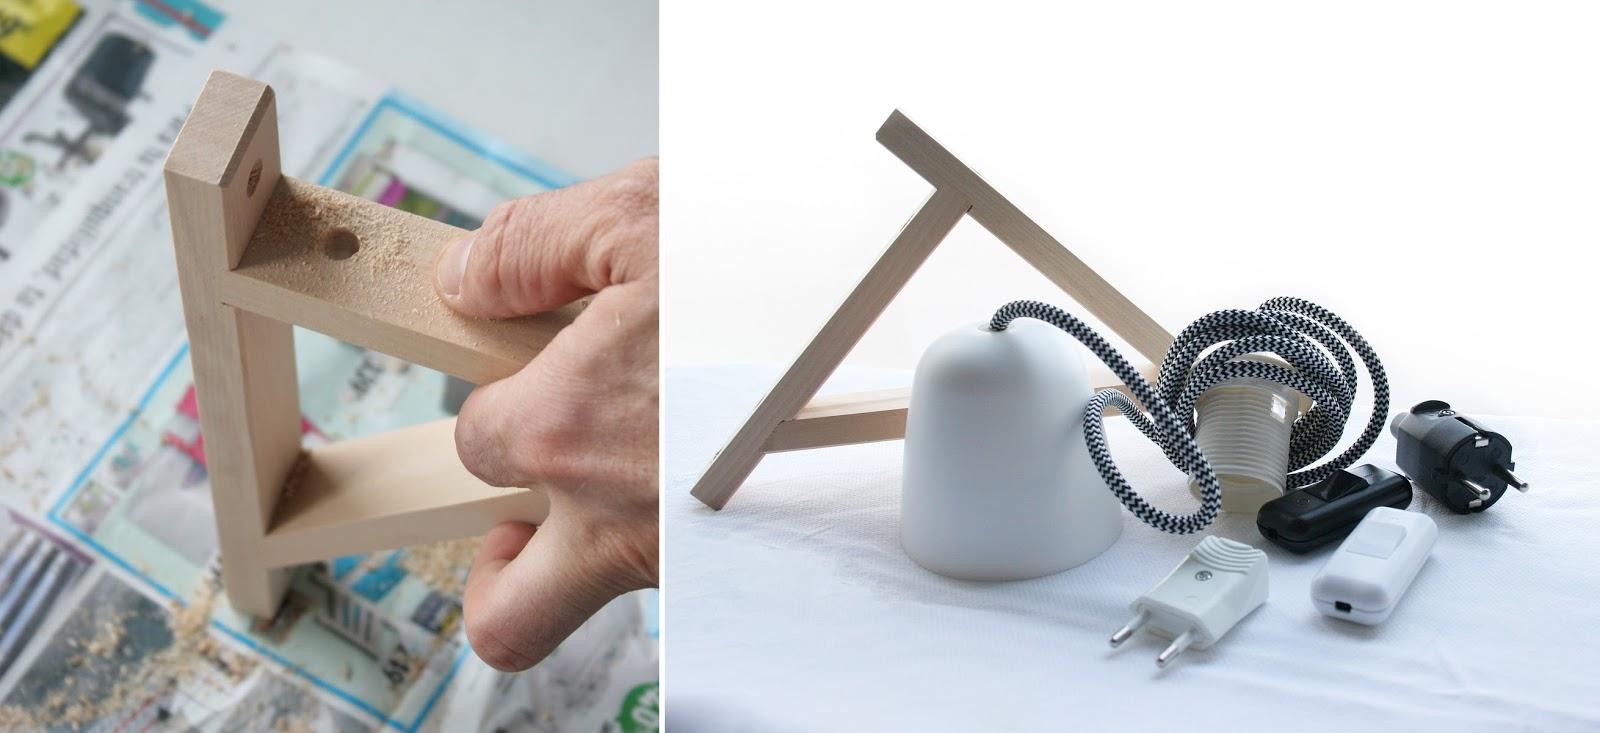 Reciclando con Ikea: Diy lámpara con botella de cristal5